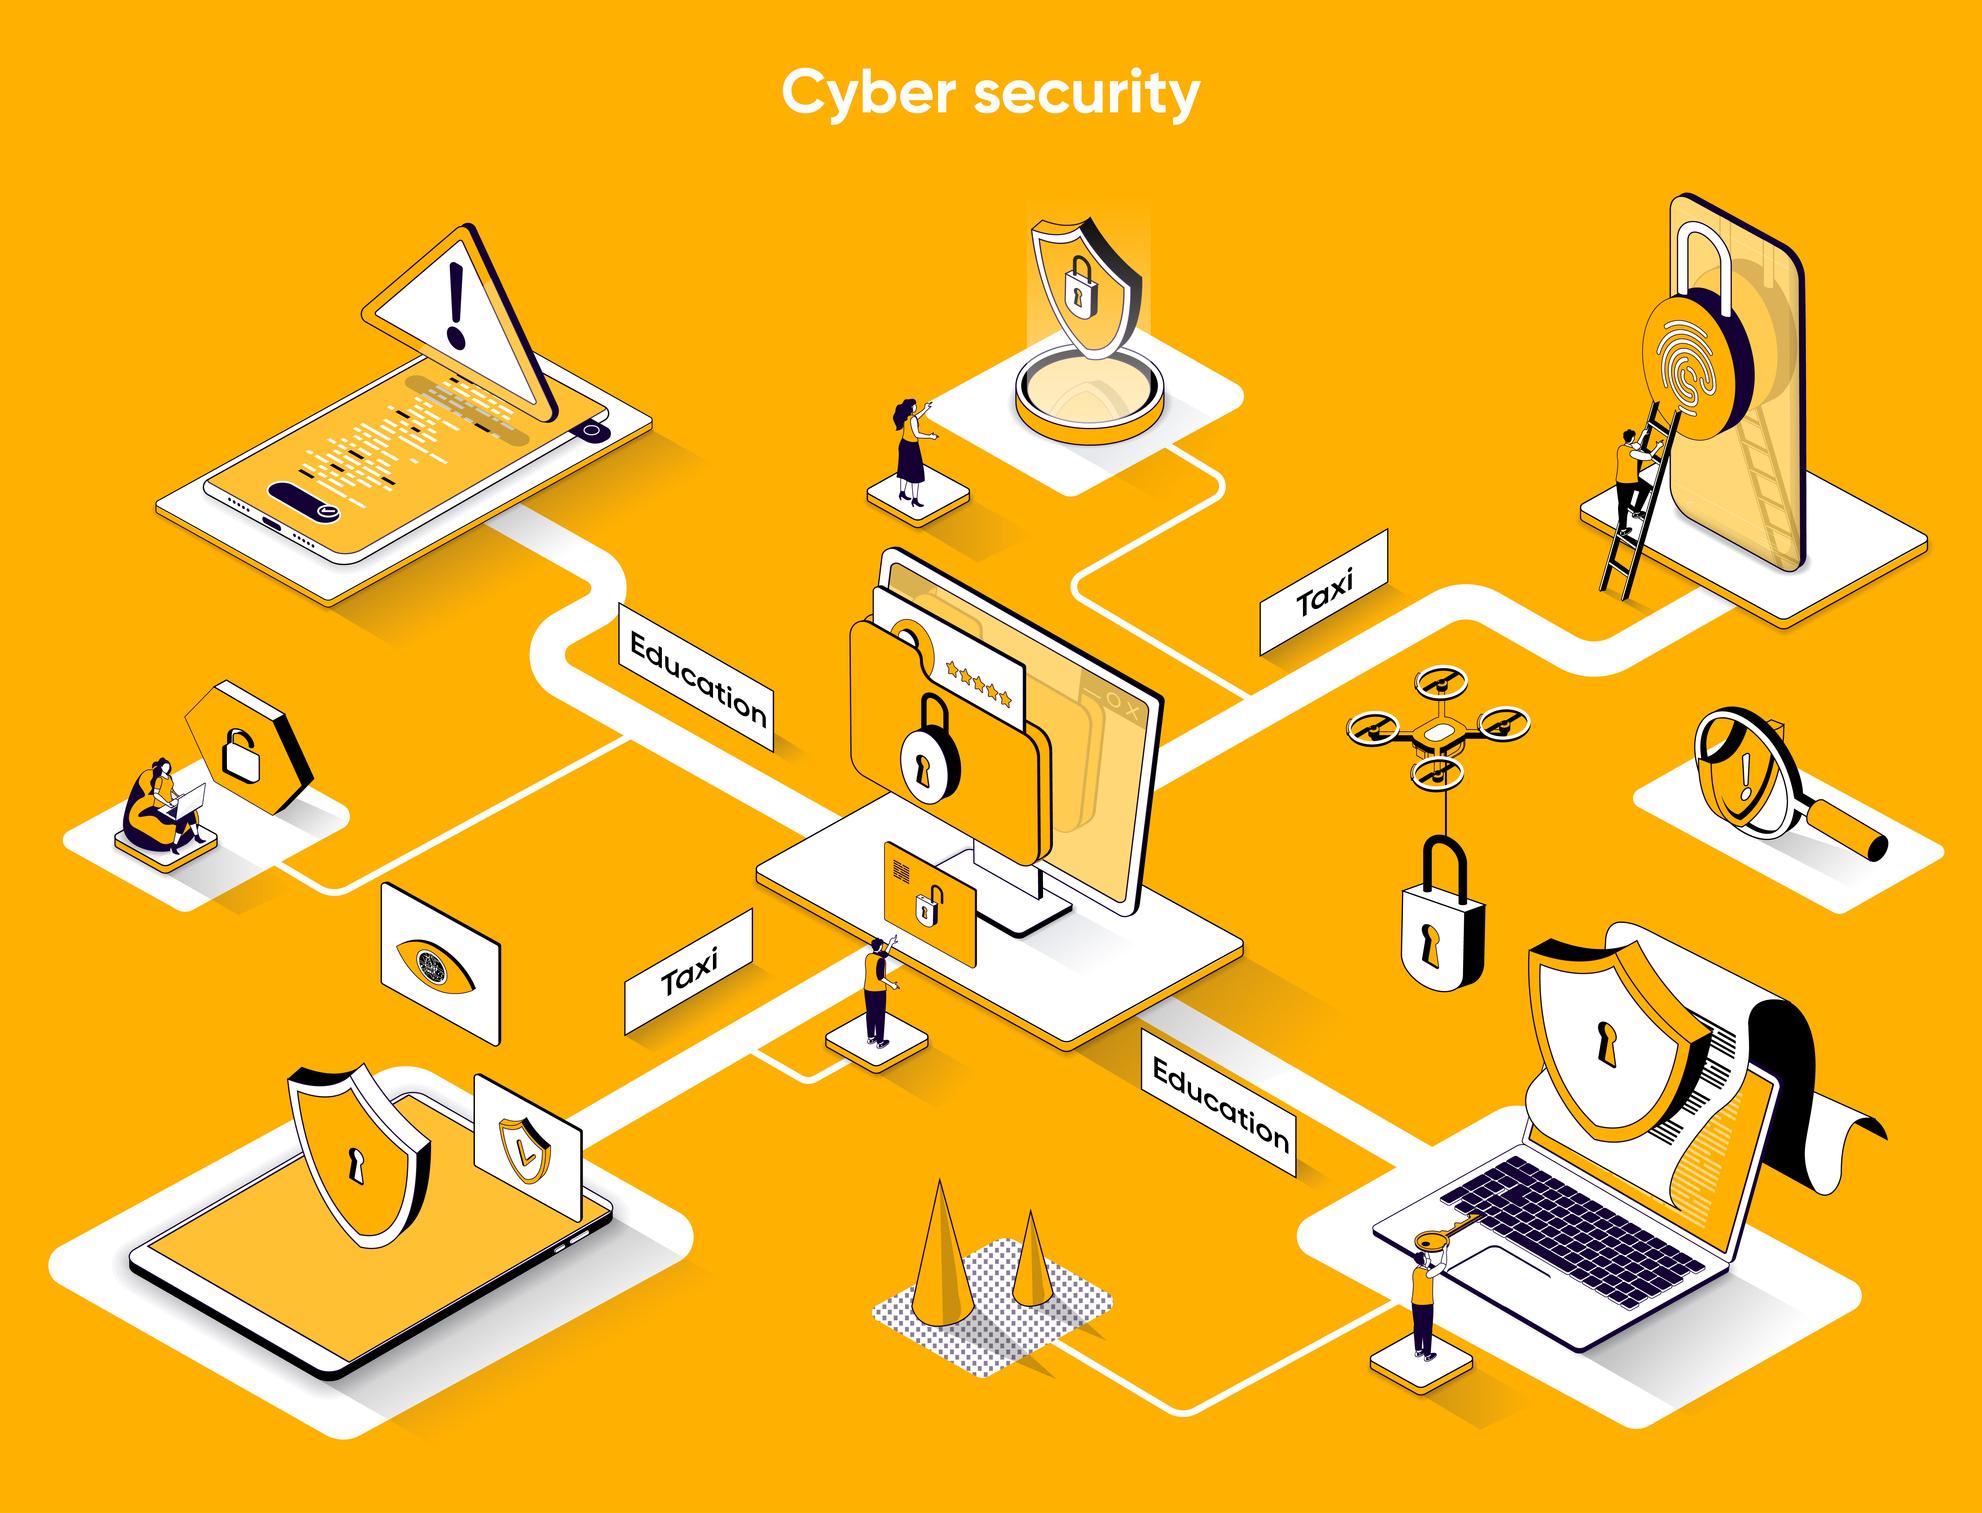 国内の大規模情報漏えい事件を紐解く。 見えてくる「特権ID(アクセス)管理」の重要性